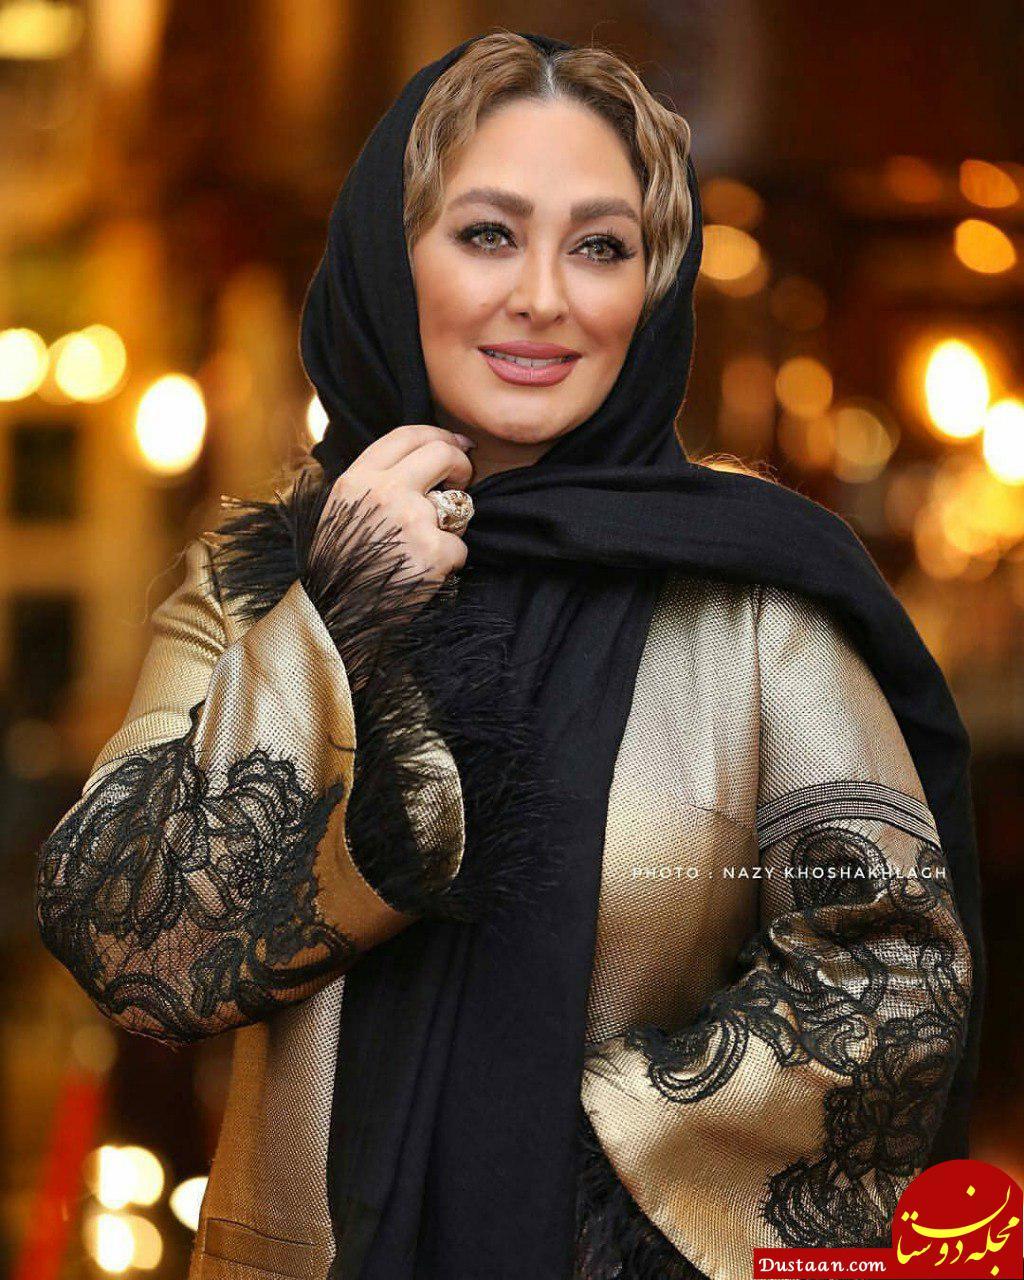 تیپ متفاوت الهام حمیدی در اکران فیلم هشتگ خاله سوسکه +عکس